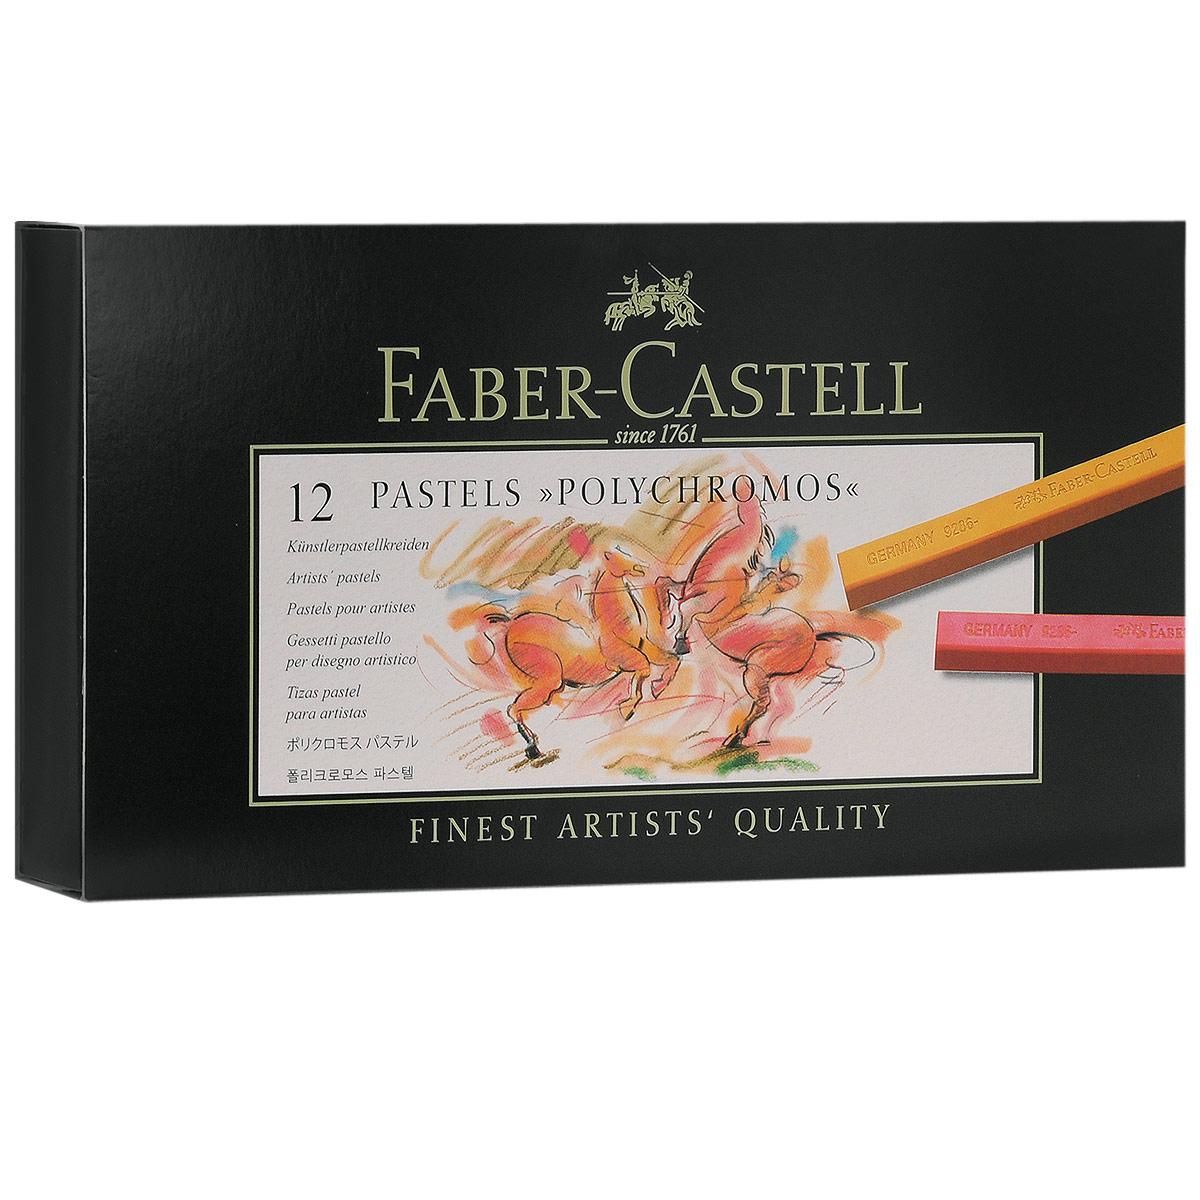 Пастель Faber-Castell Polychromos, 12 штCS-GSA313020Набор Faber-Castell Polychromos содержит пастель прямоугольной формы в виде мелков 12 ярких цветов. Пастель великолепного качества не крошится при работе, обладает отличными кроющими свойствами, обеспечивает хорошее сцепление с поверхностью, яркость и долговечность изображения. Пастелью Faber-Castell Polychromos можно рисовать в любой технике, сочетая ее с цветными карандашами и красками.